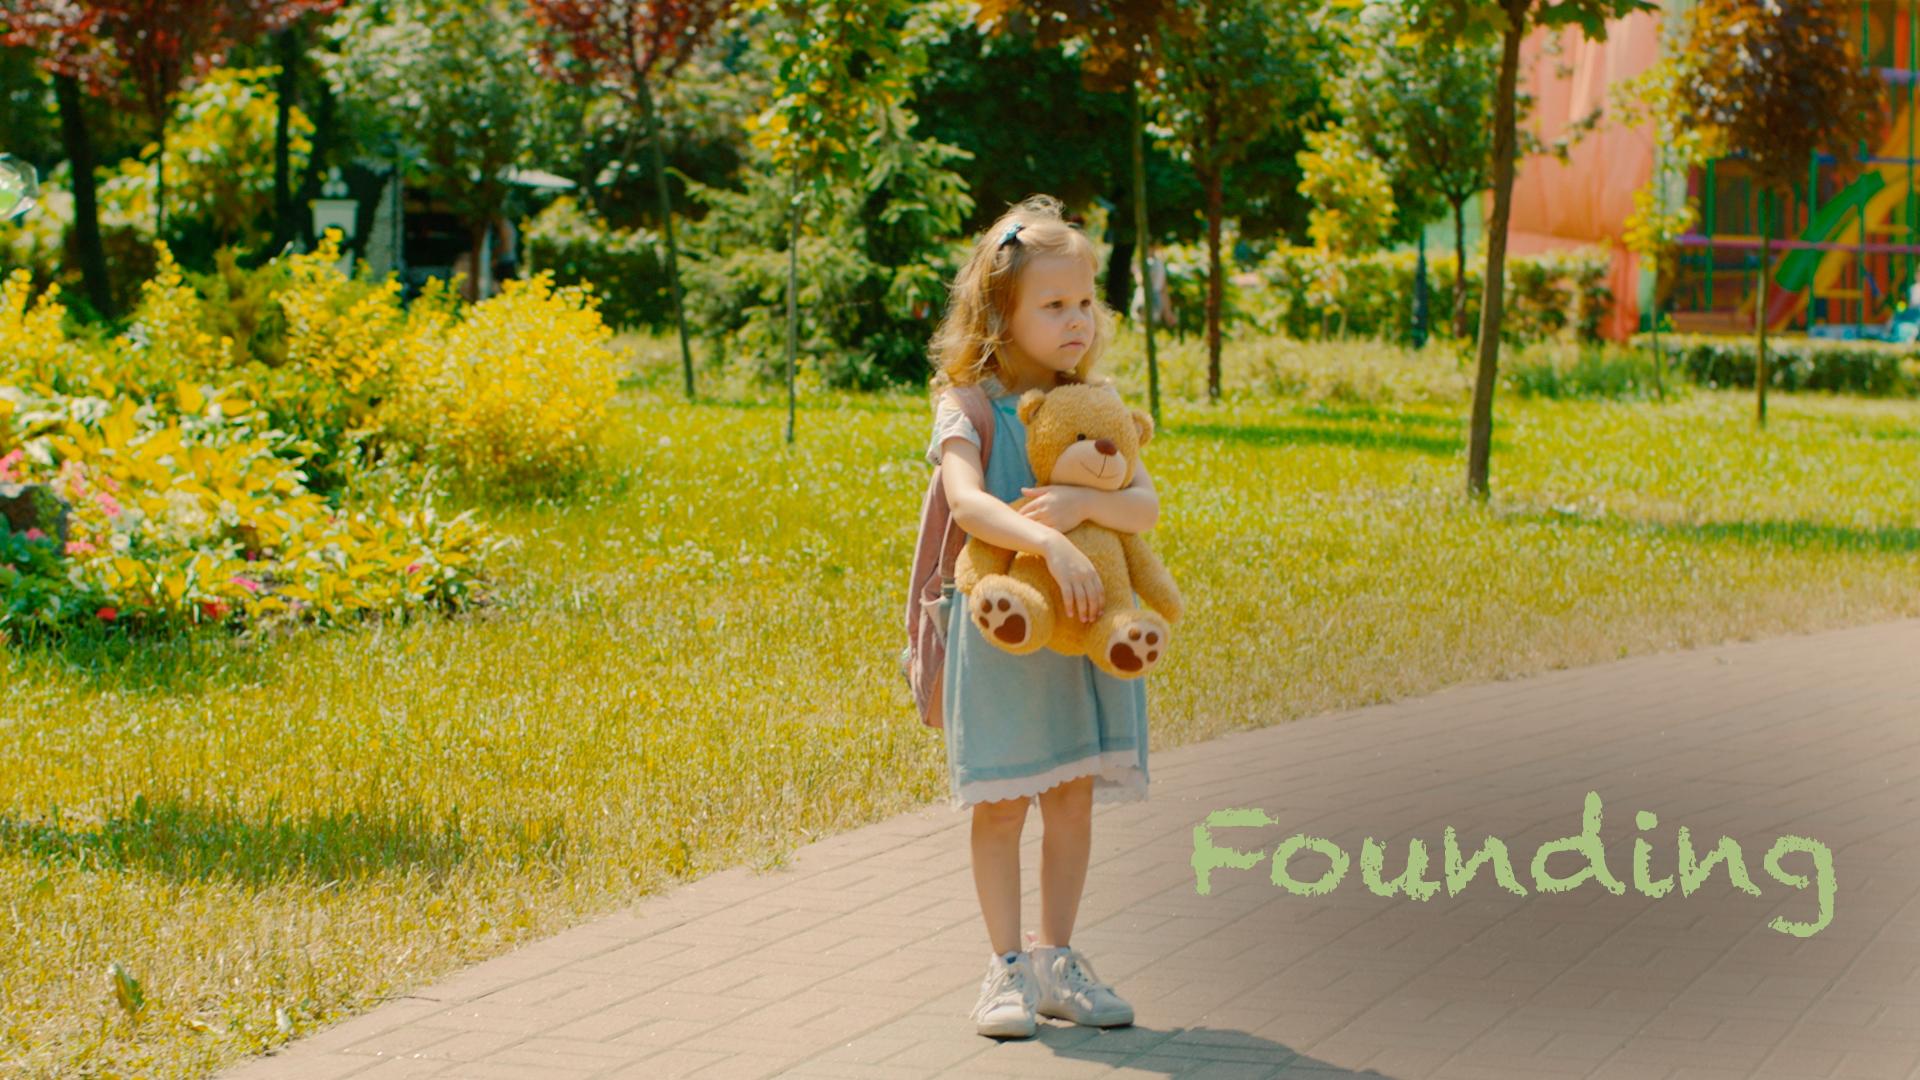 Founding on Amazon Prime Instant Video UK